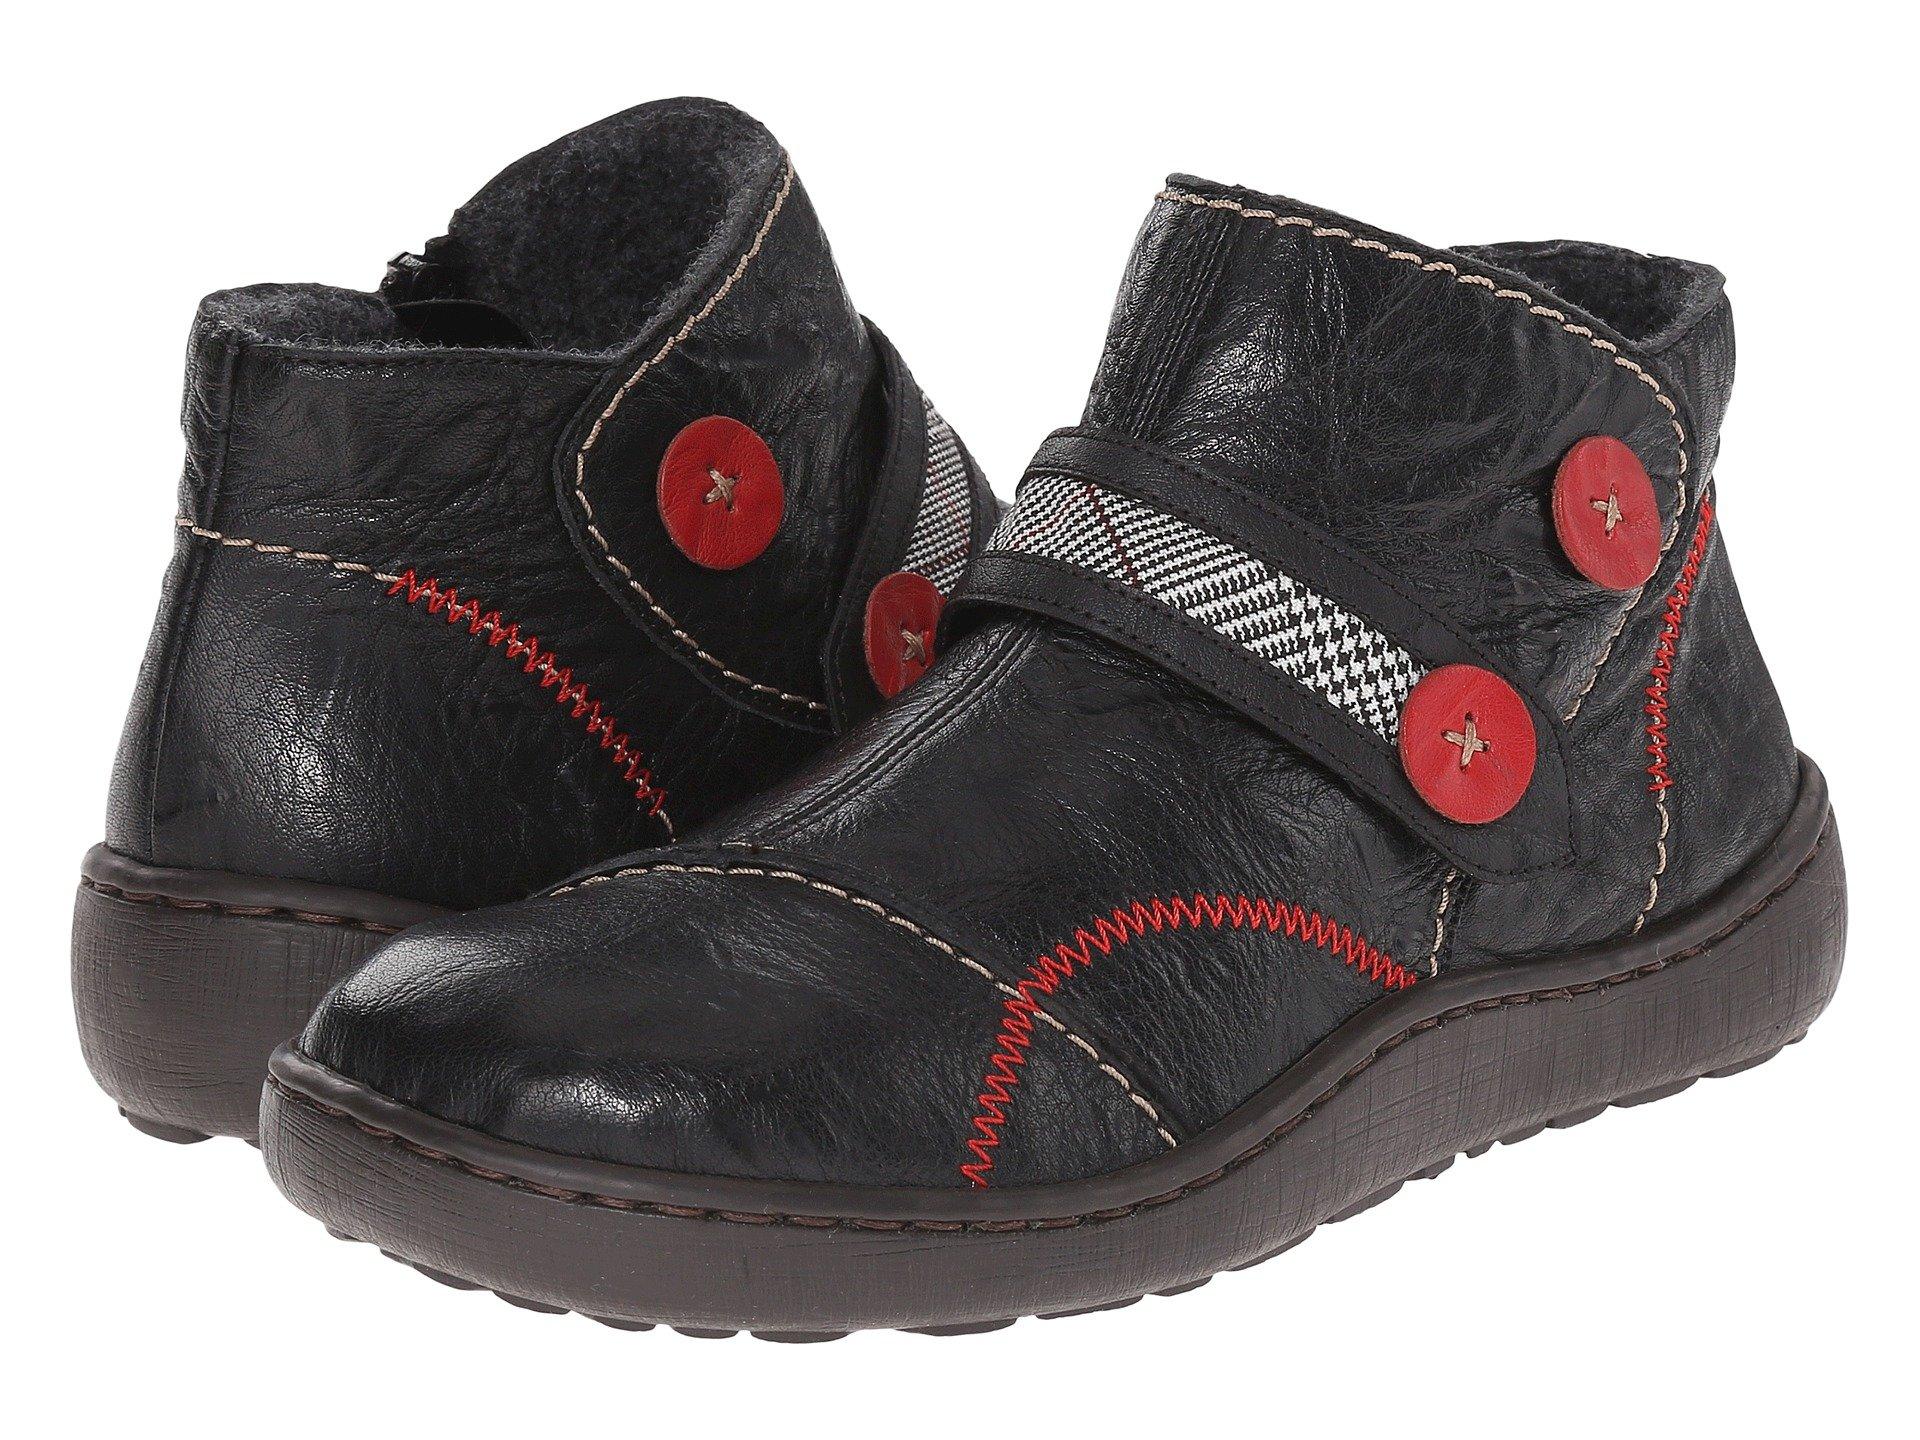 c6b050ecc4f2 Women s Rieker Boots + FREE SHIPPING